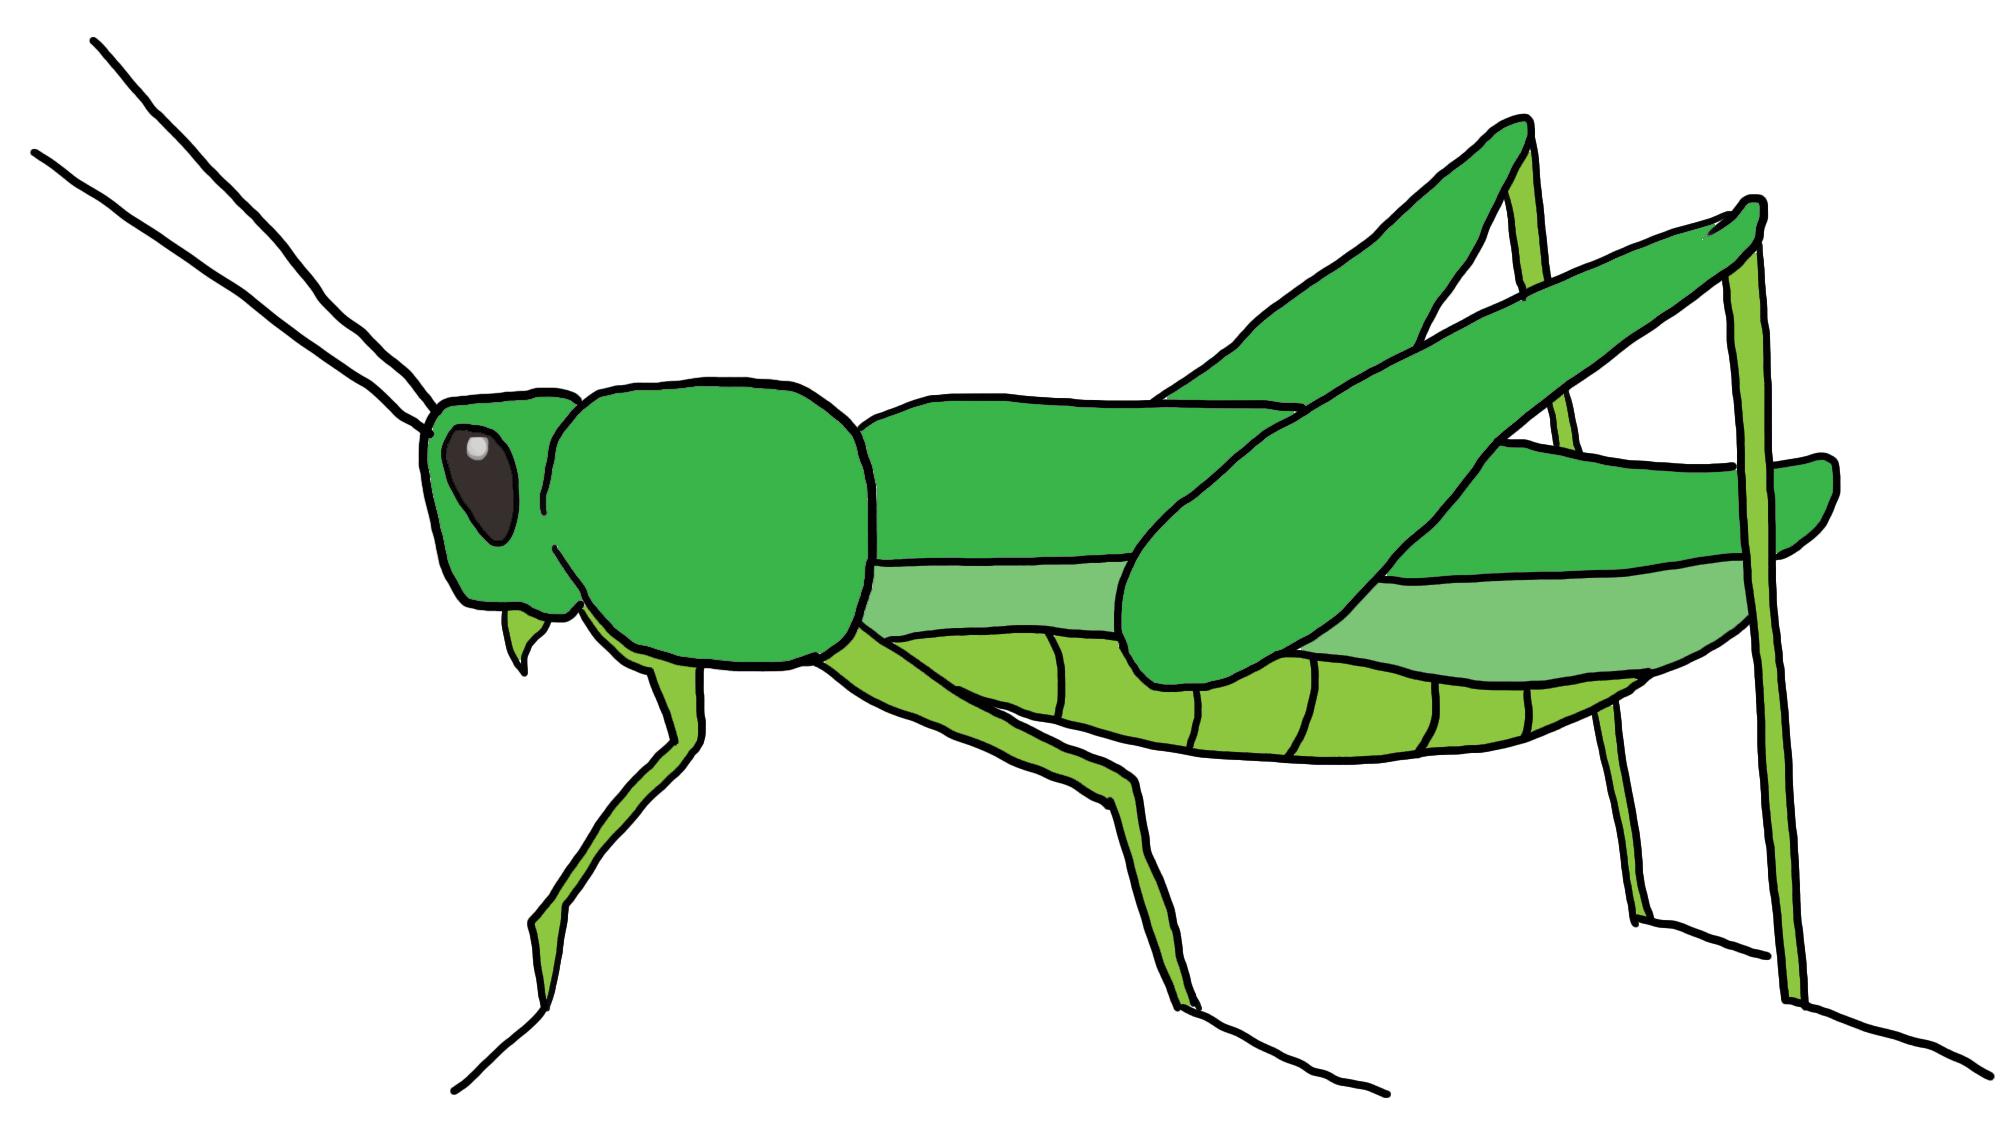 Grasshopper clipart 7